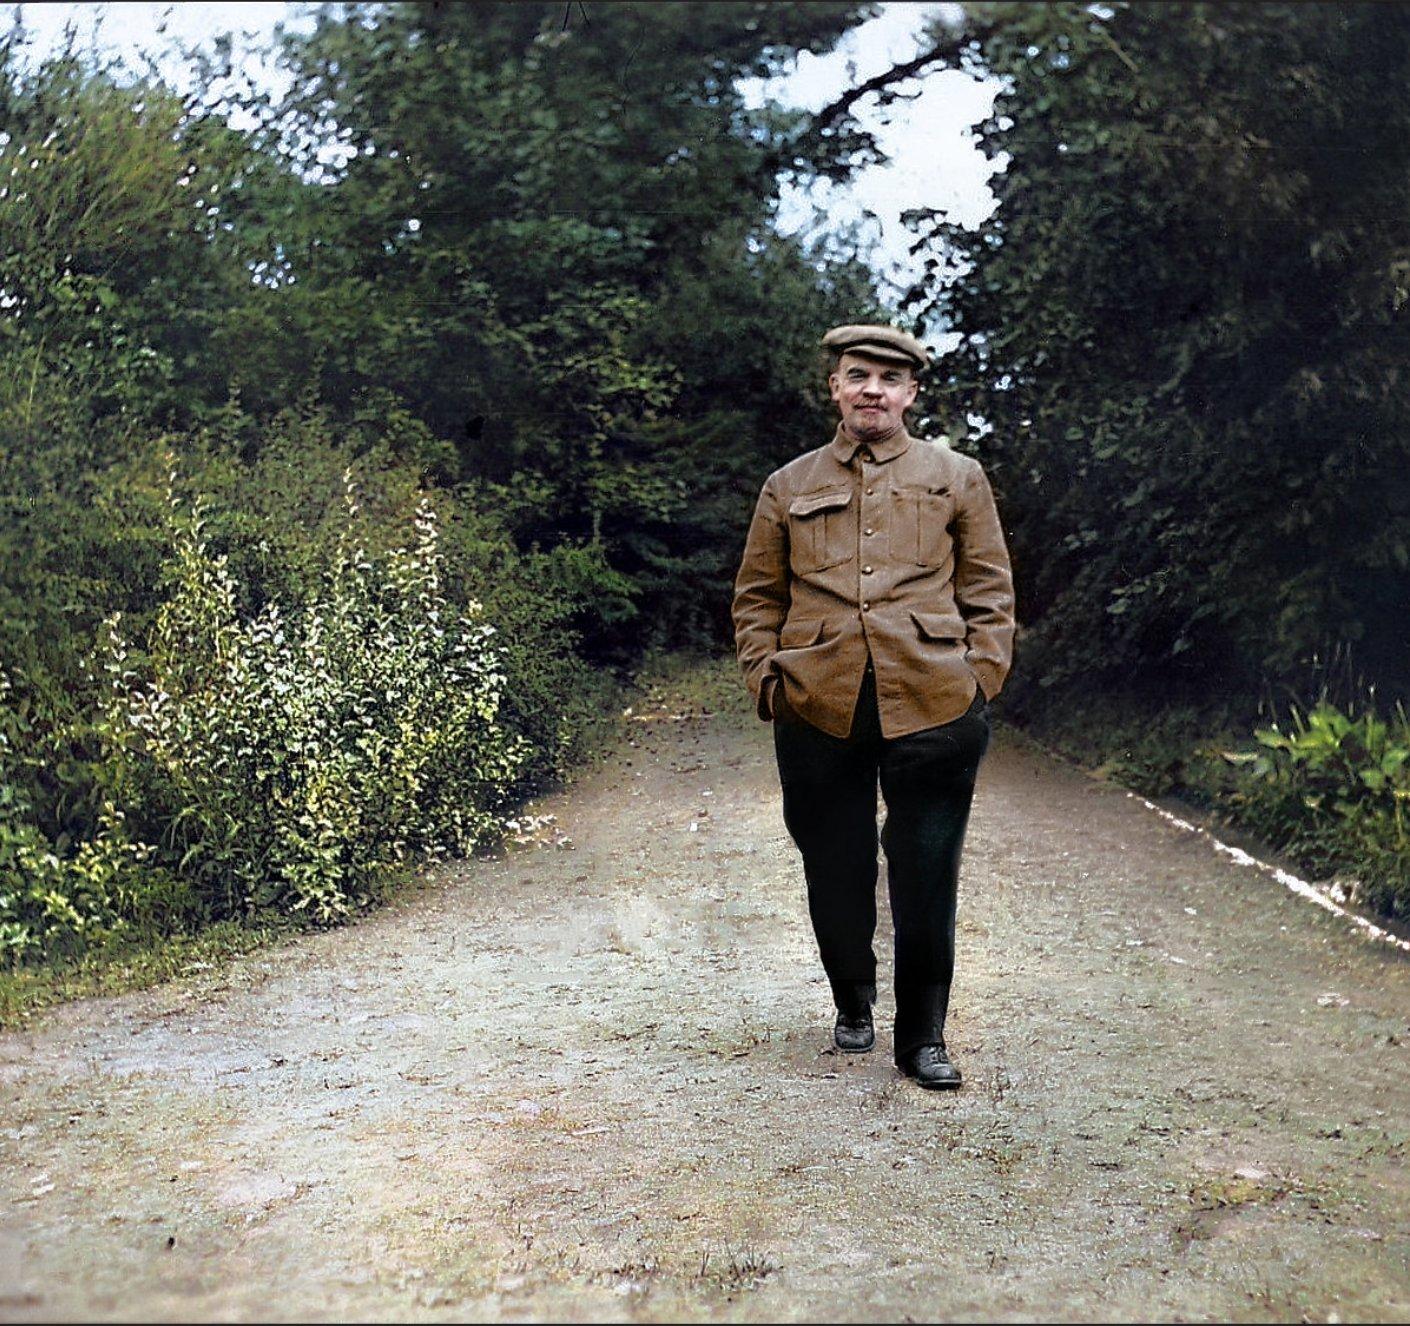 Lenin in 1922.  https://t.co/e5FDNkrrTc https://t.co/TIESqE2rrT